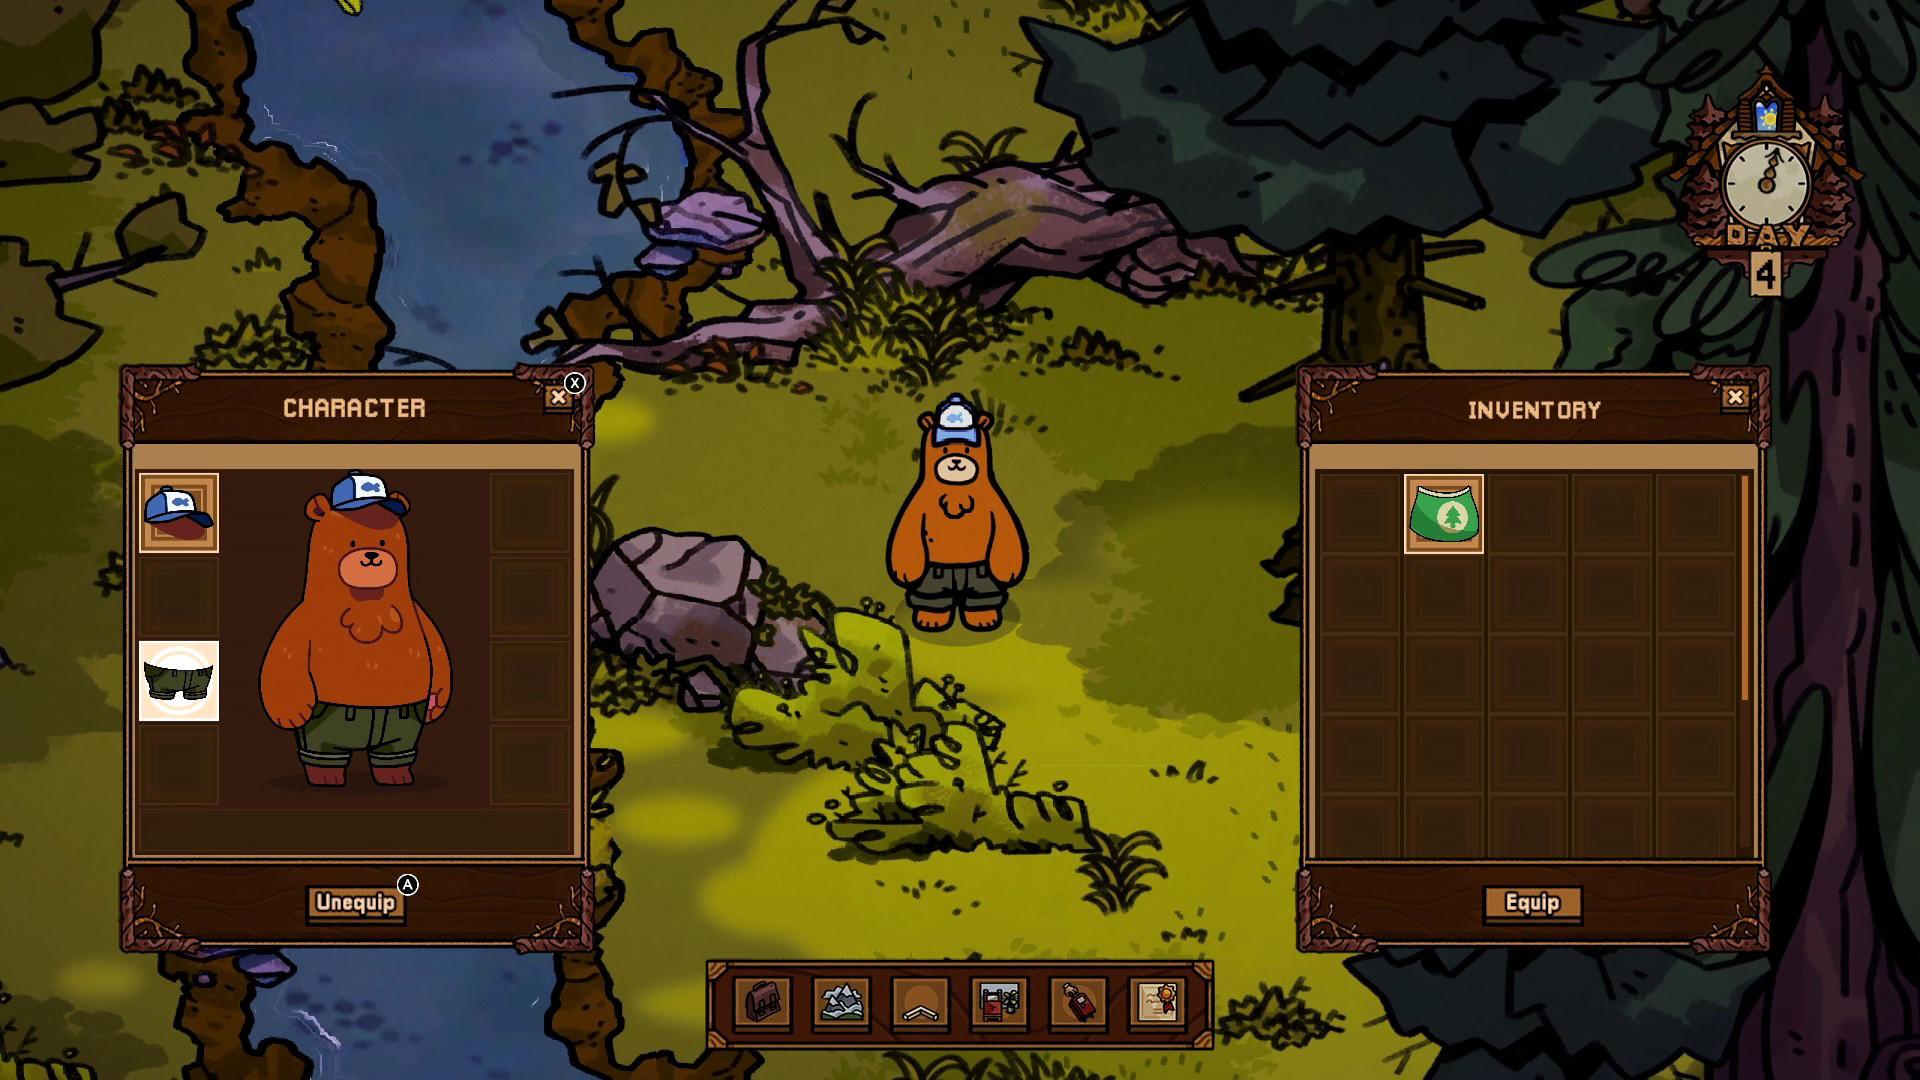 模拟经营游戏《熊与早餐》预计今年内发售 Steam 游戏资讯 第3张